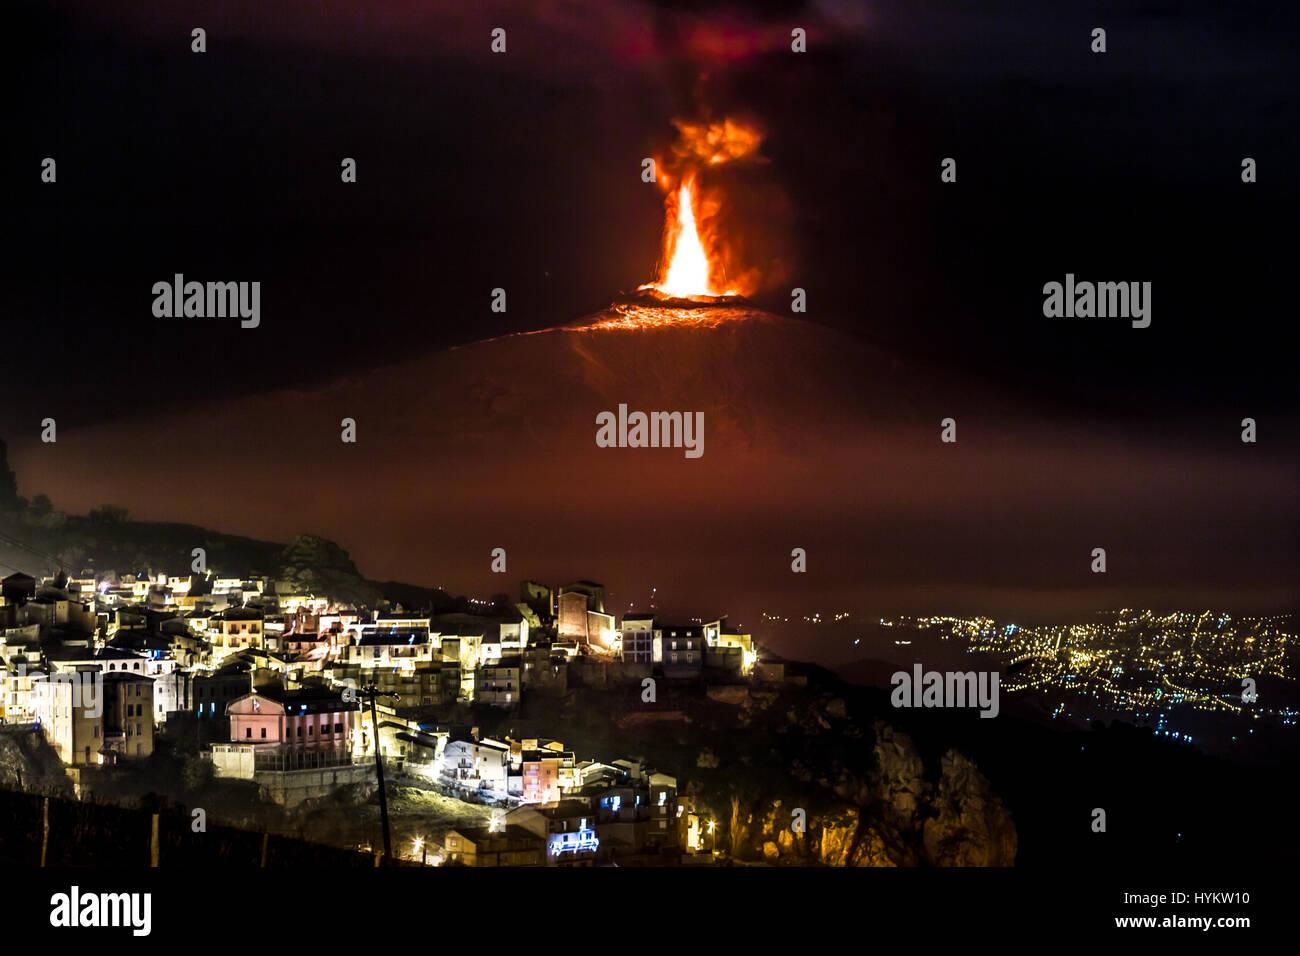 MESSINA, Sizilien: Eine Nacht Bild einer Eruption am Ätna. Eine nukleare Pilz-wie Wolke Strahlen aus dem Ätna in Sizilien haben durch eine erstaunt lokale Mann gefangen genommen worden. Knisternden Flammen und riesige Rauchwolken sehen Pumpen aus der Spitze einer der aktivsten Vulkane der Welt.  Bilder zeigen, wie die Einwohner von Sizilien im Schatten dieses Monster-Berges Leben elf tausend Füße in der Höhe und der alte römische Gott des Feuers, Vulcan seiner Werkstatt gebaut. Landwirtschaft-Officer Fernando Famiani (51) von San Teodoro, Messina auf Sizilien schnappte die imposante M Stockfoto